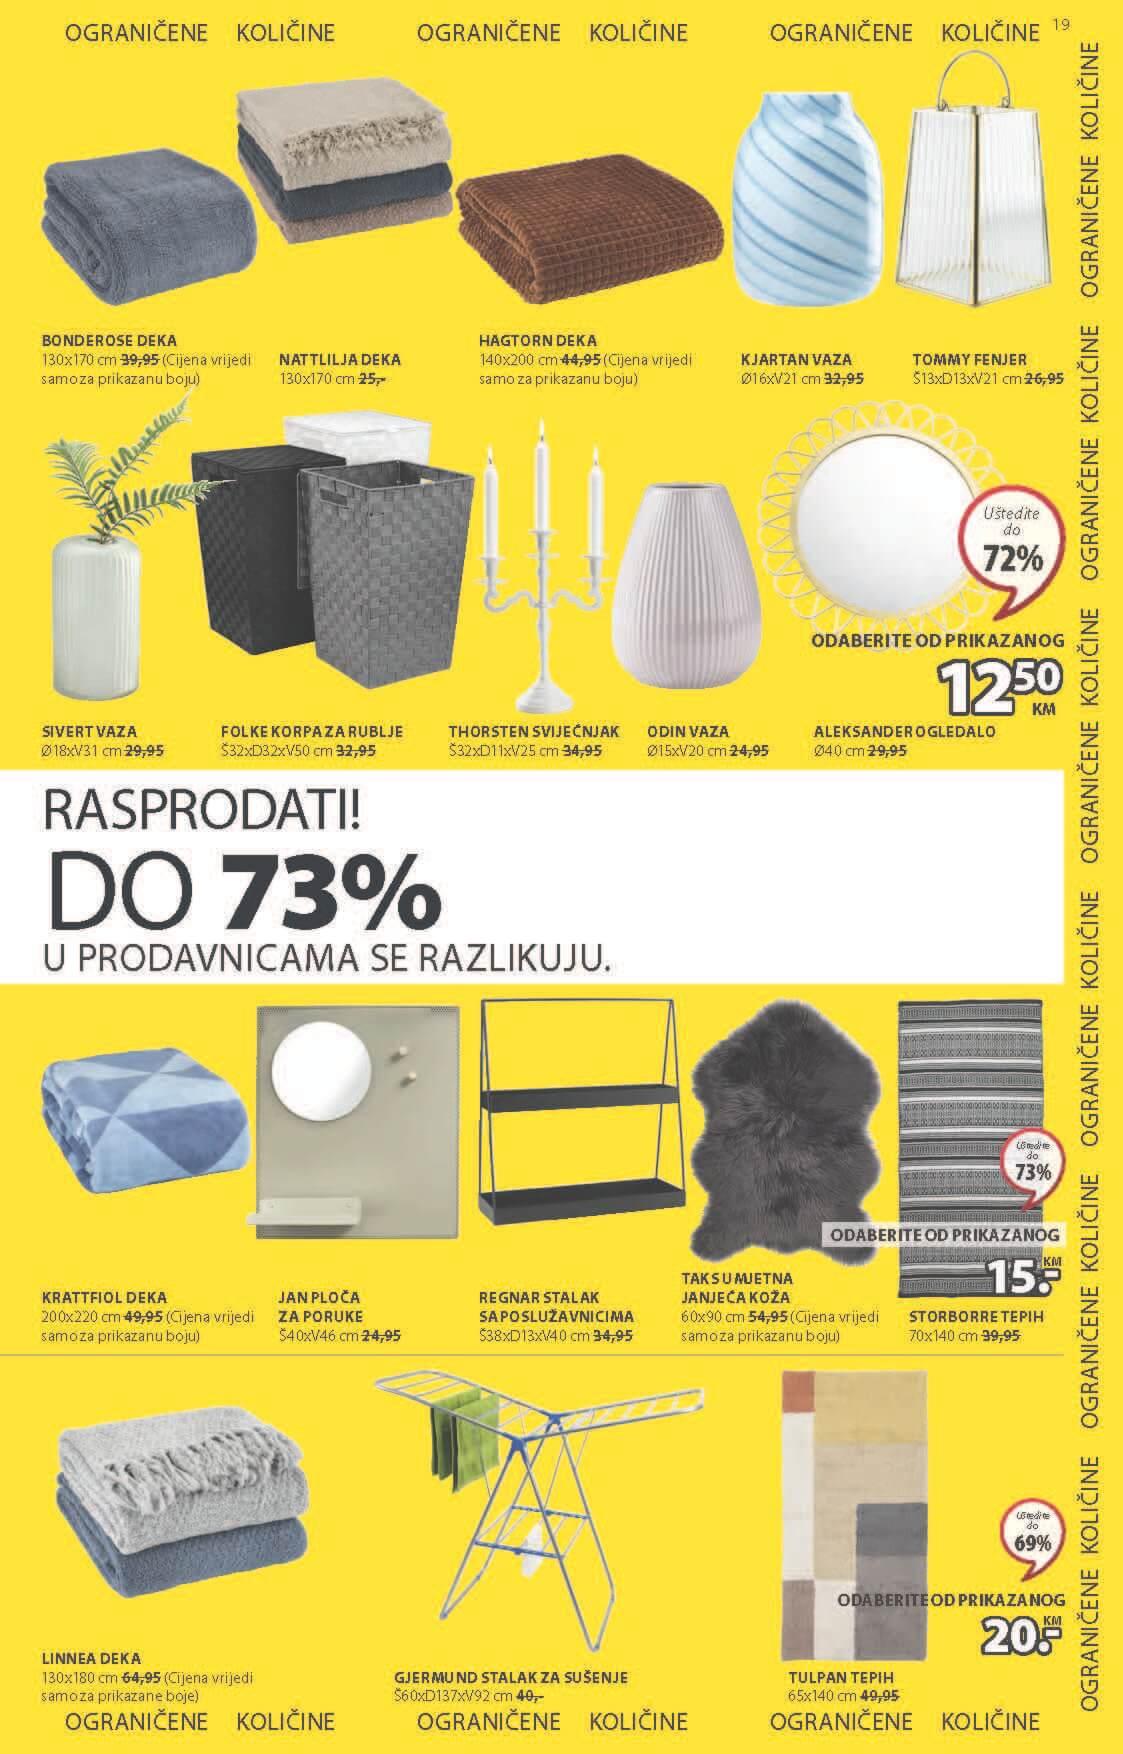 JYSK Katalog Akcijska rasprodaja JUN 2021 03.06. 16.06 eKatalozi.com PR Page 20